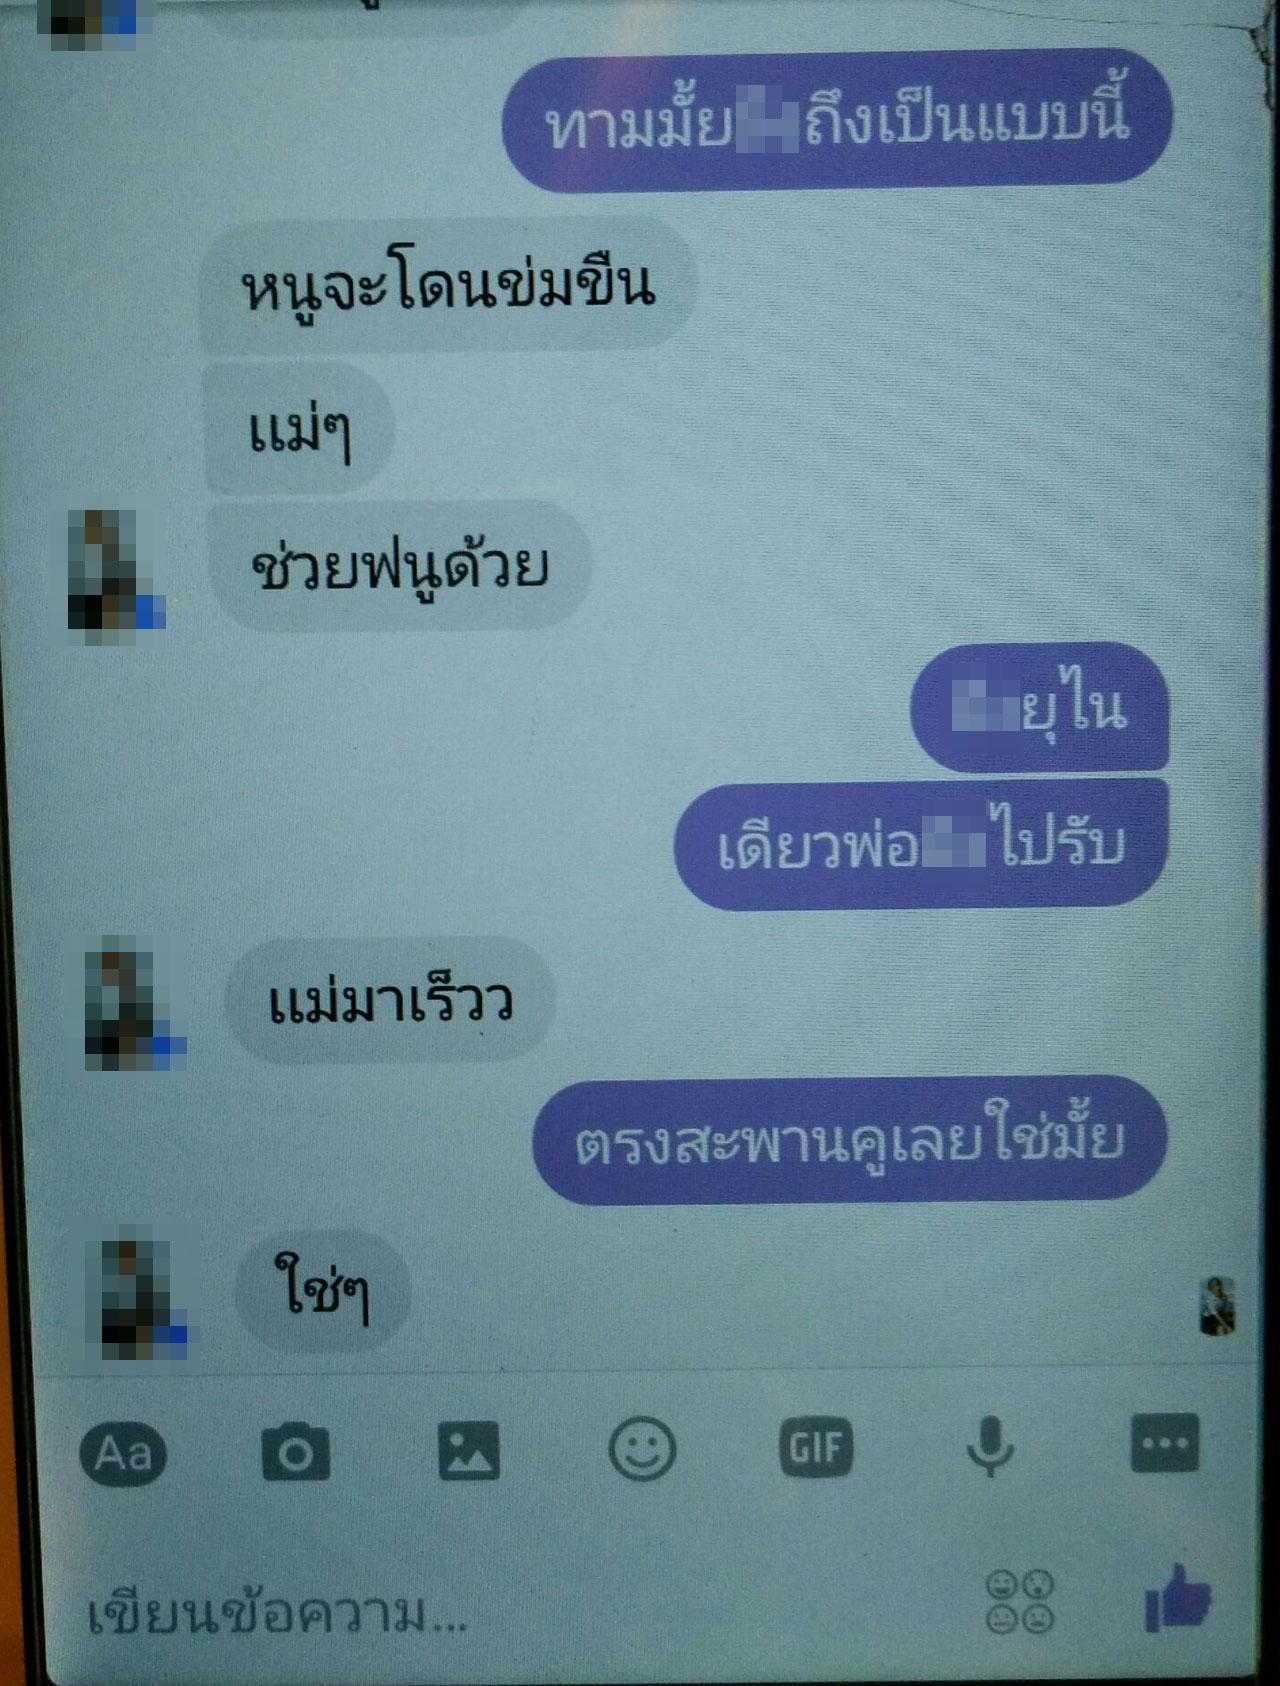 สาววัย16 คุยเฟซบุ๊กกับแม่ให้มาช่วย กำลังจะโดนเพื่อนข่มขืน